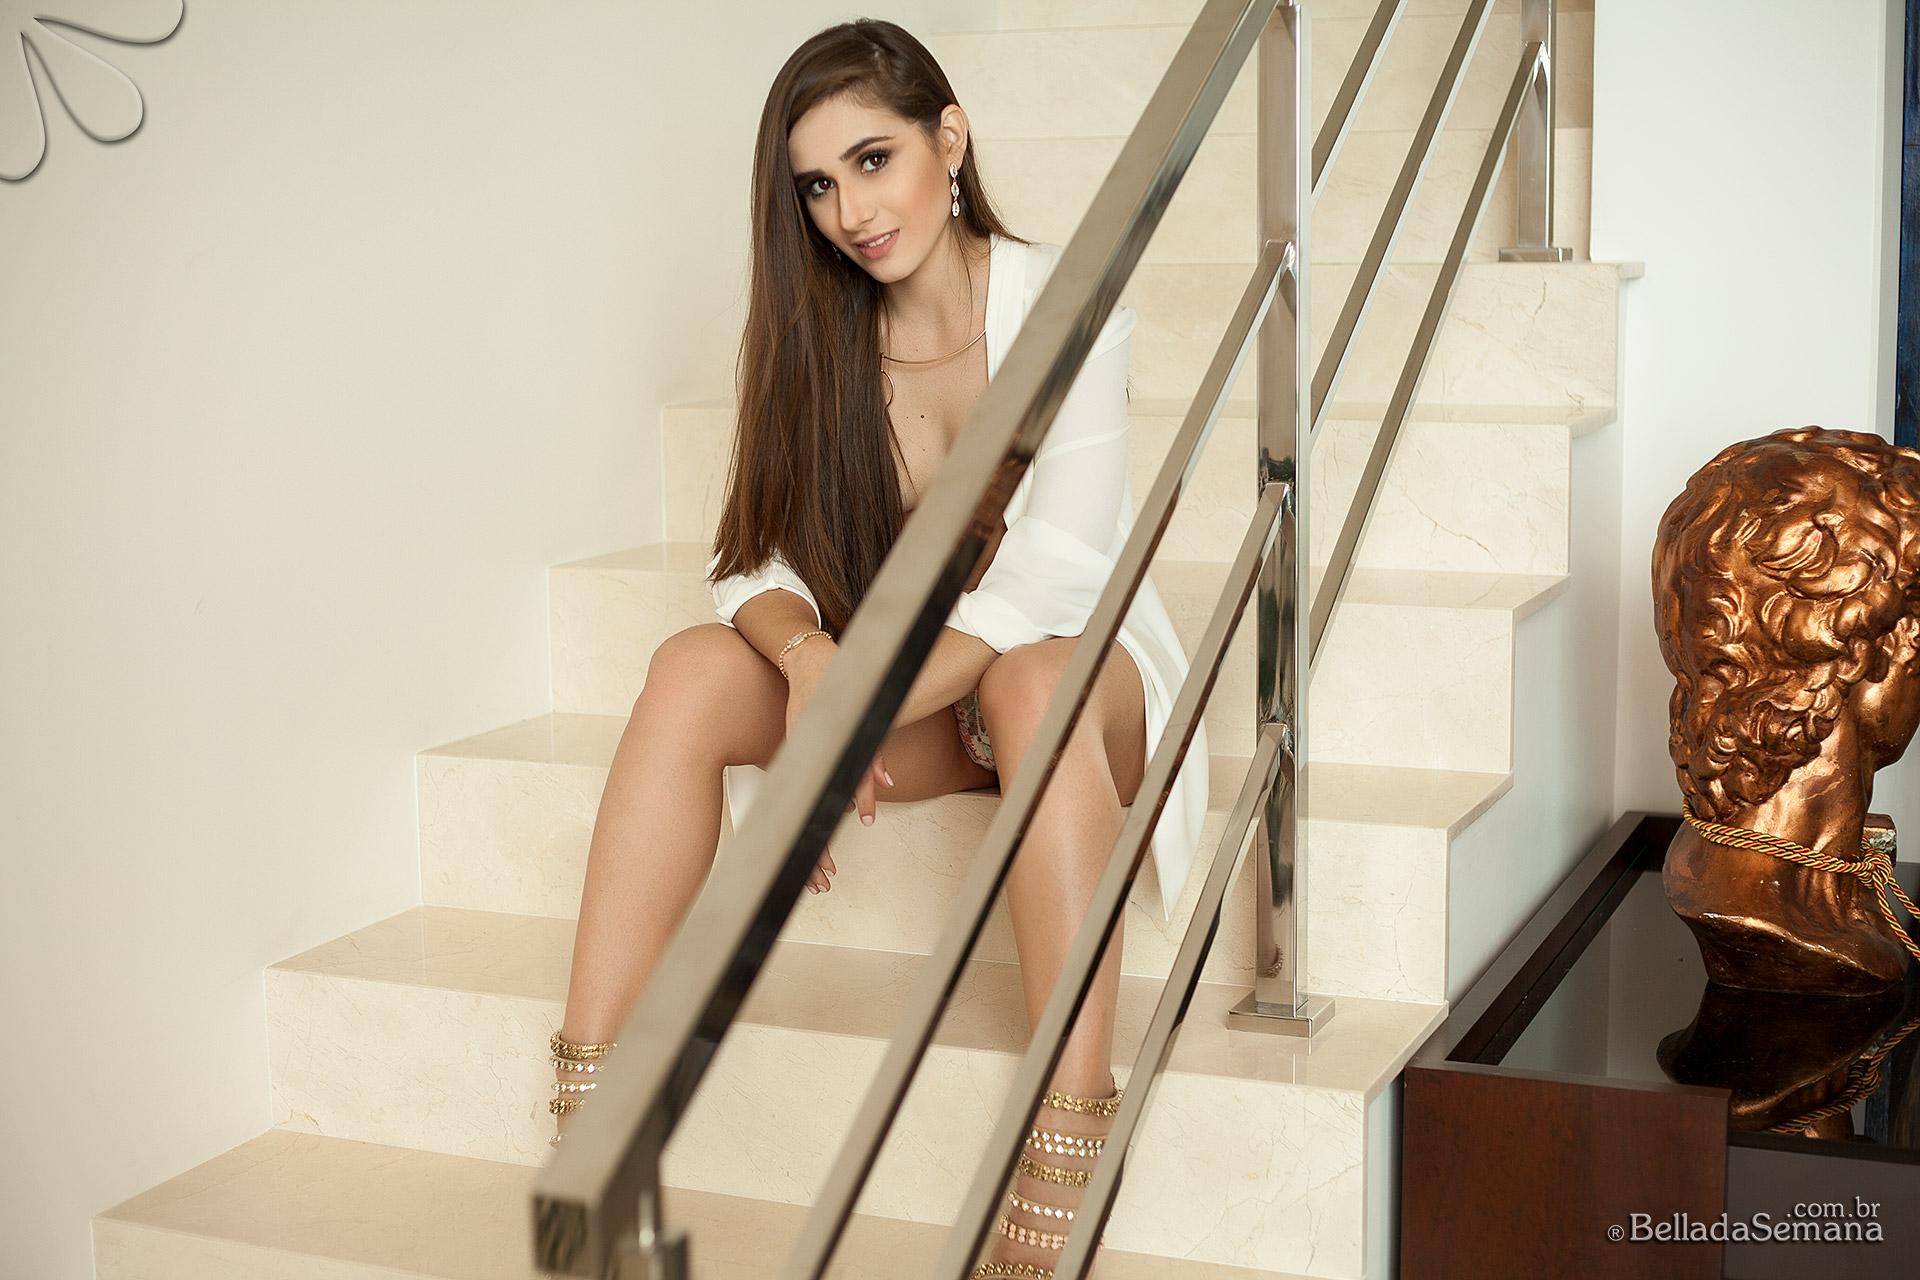 Julia Picoloto para a Bella da Semana